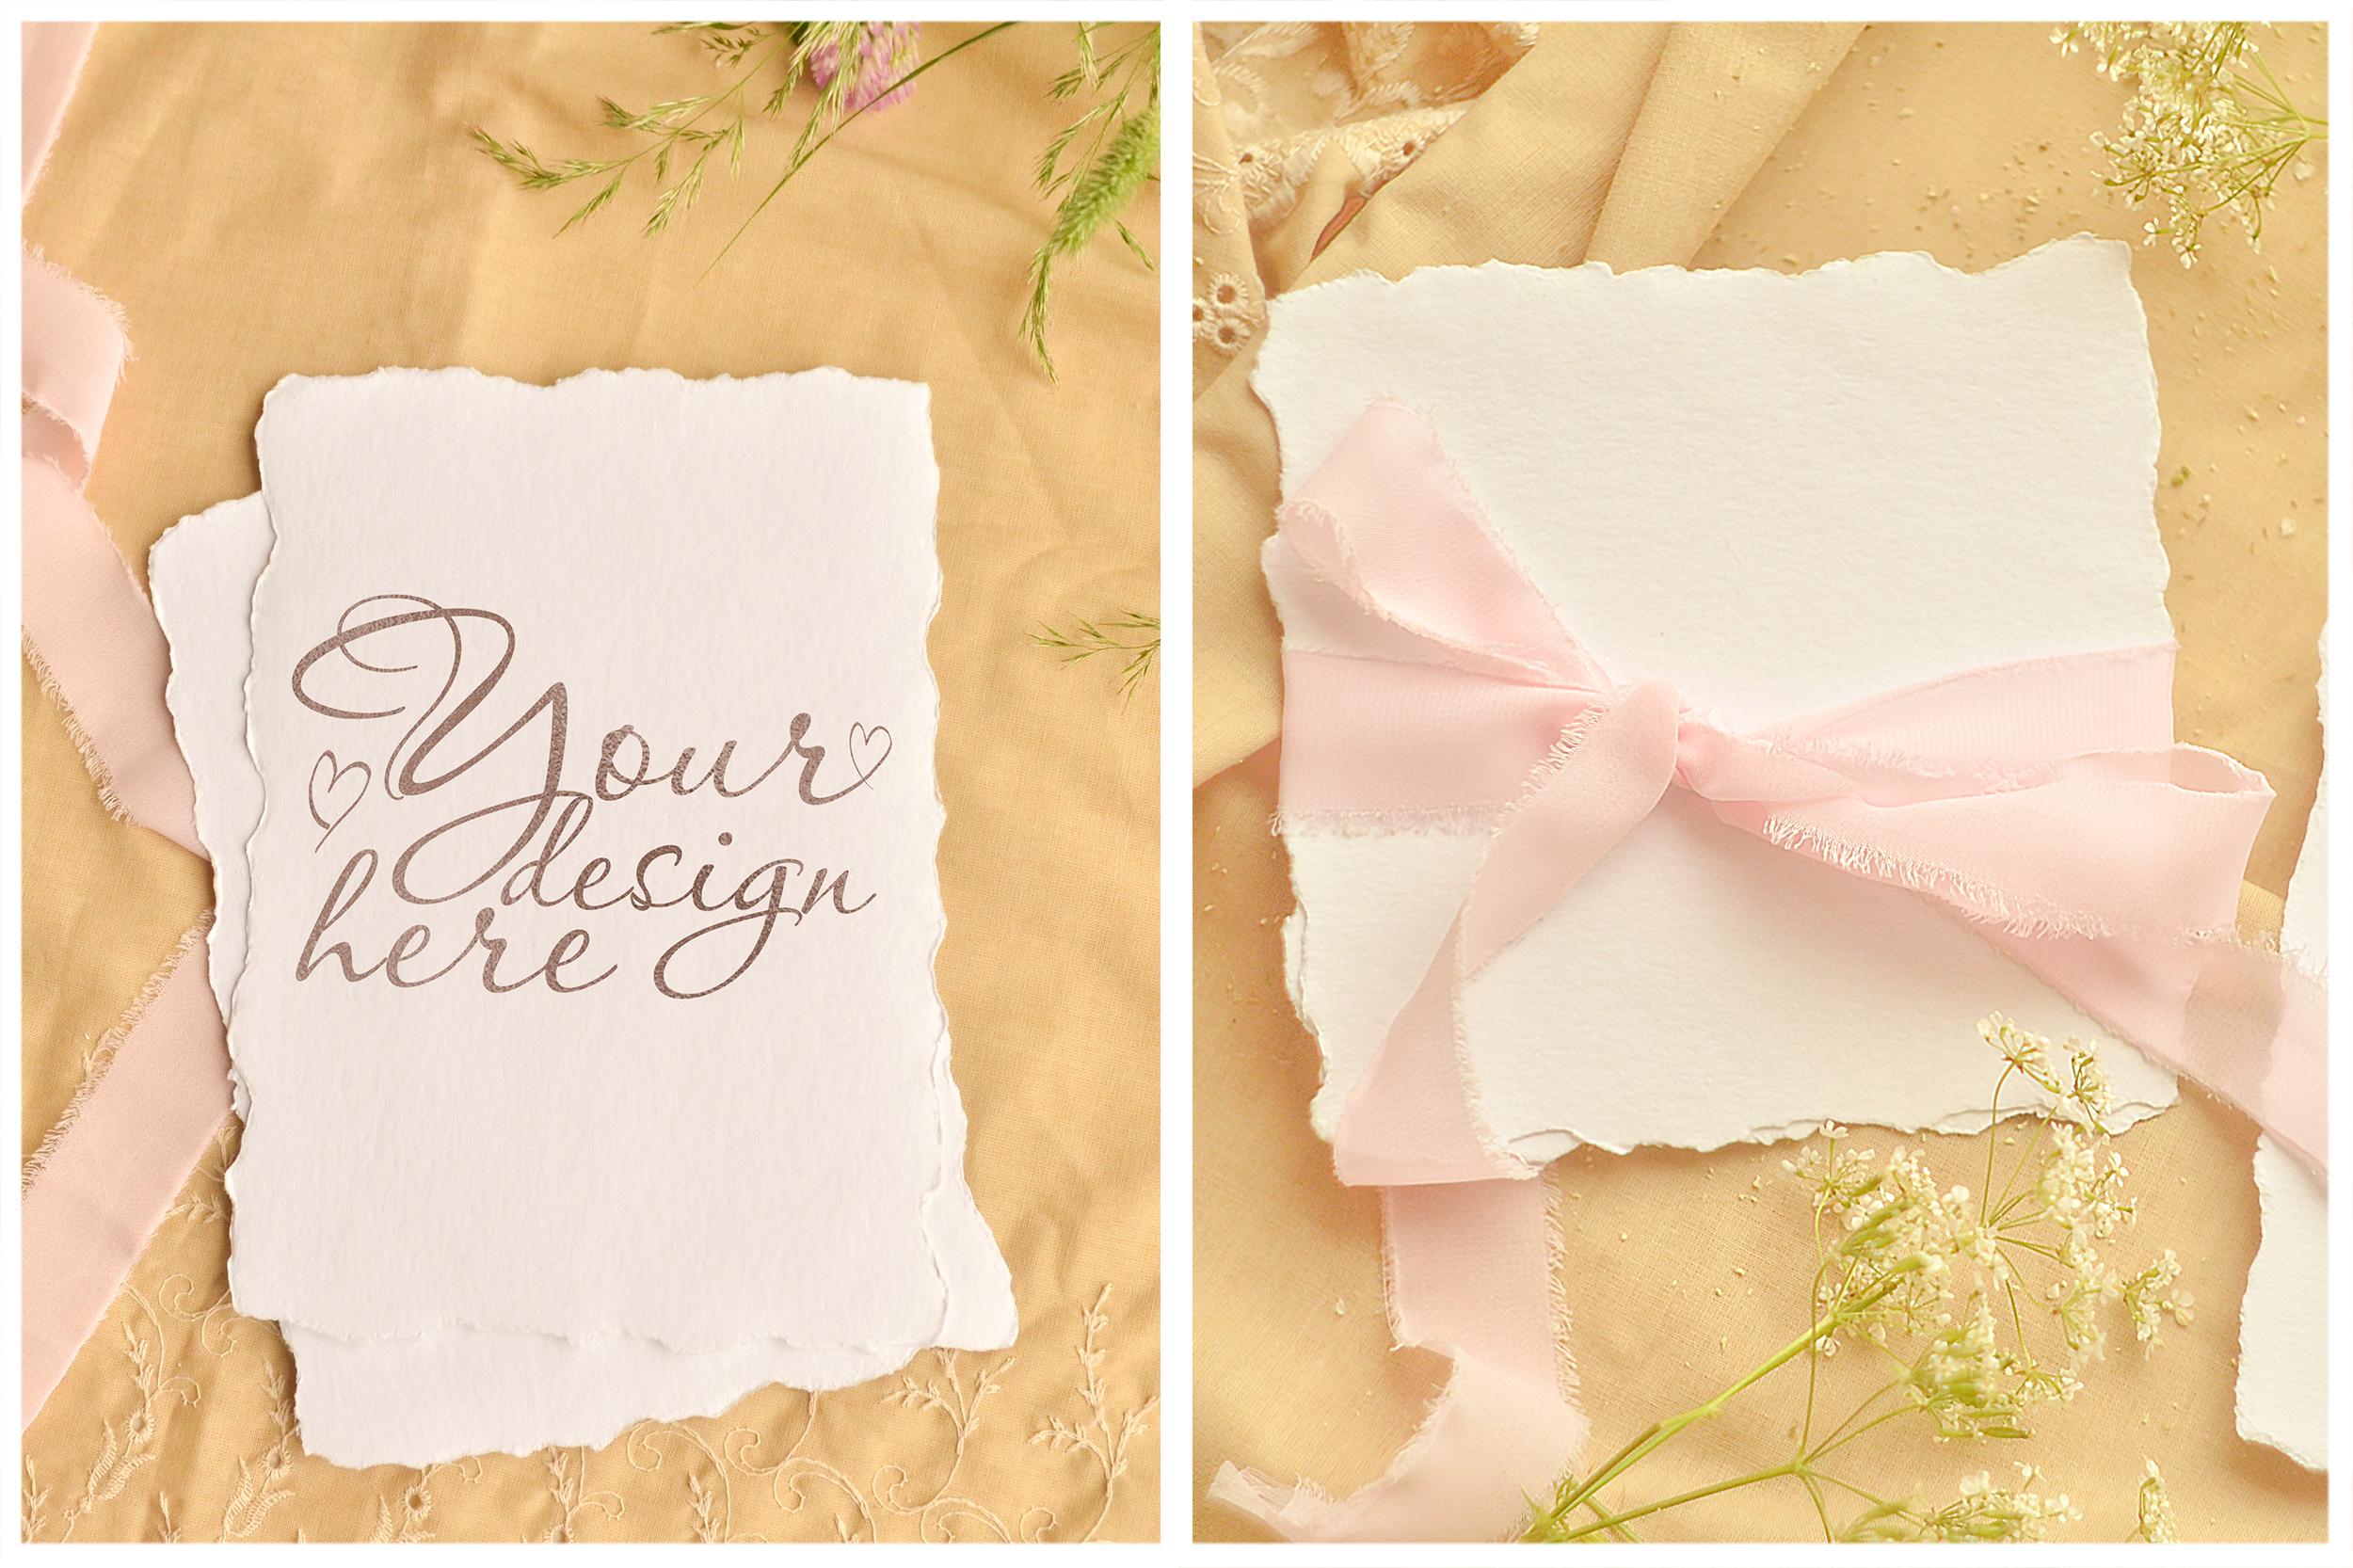 Honey Meadow. Wedding mockups & stock photo bundle example image 6